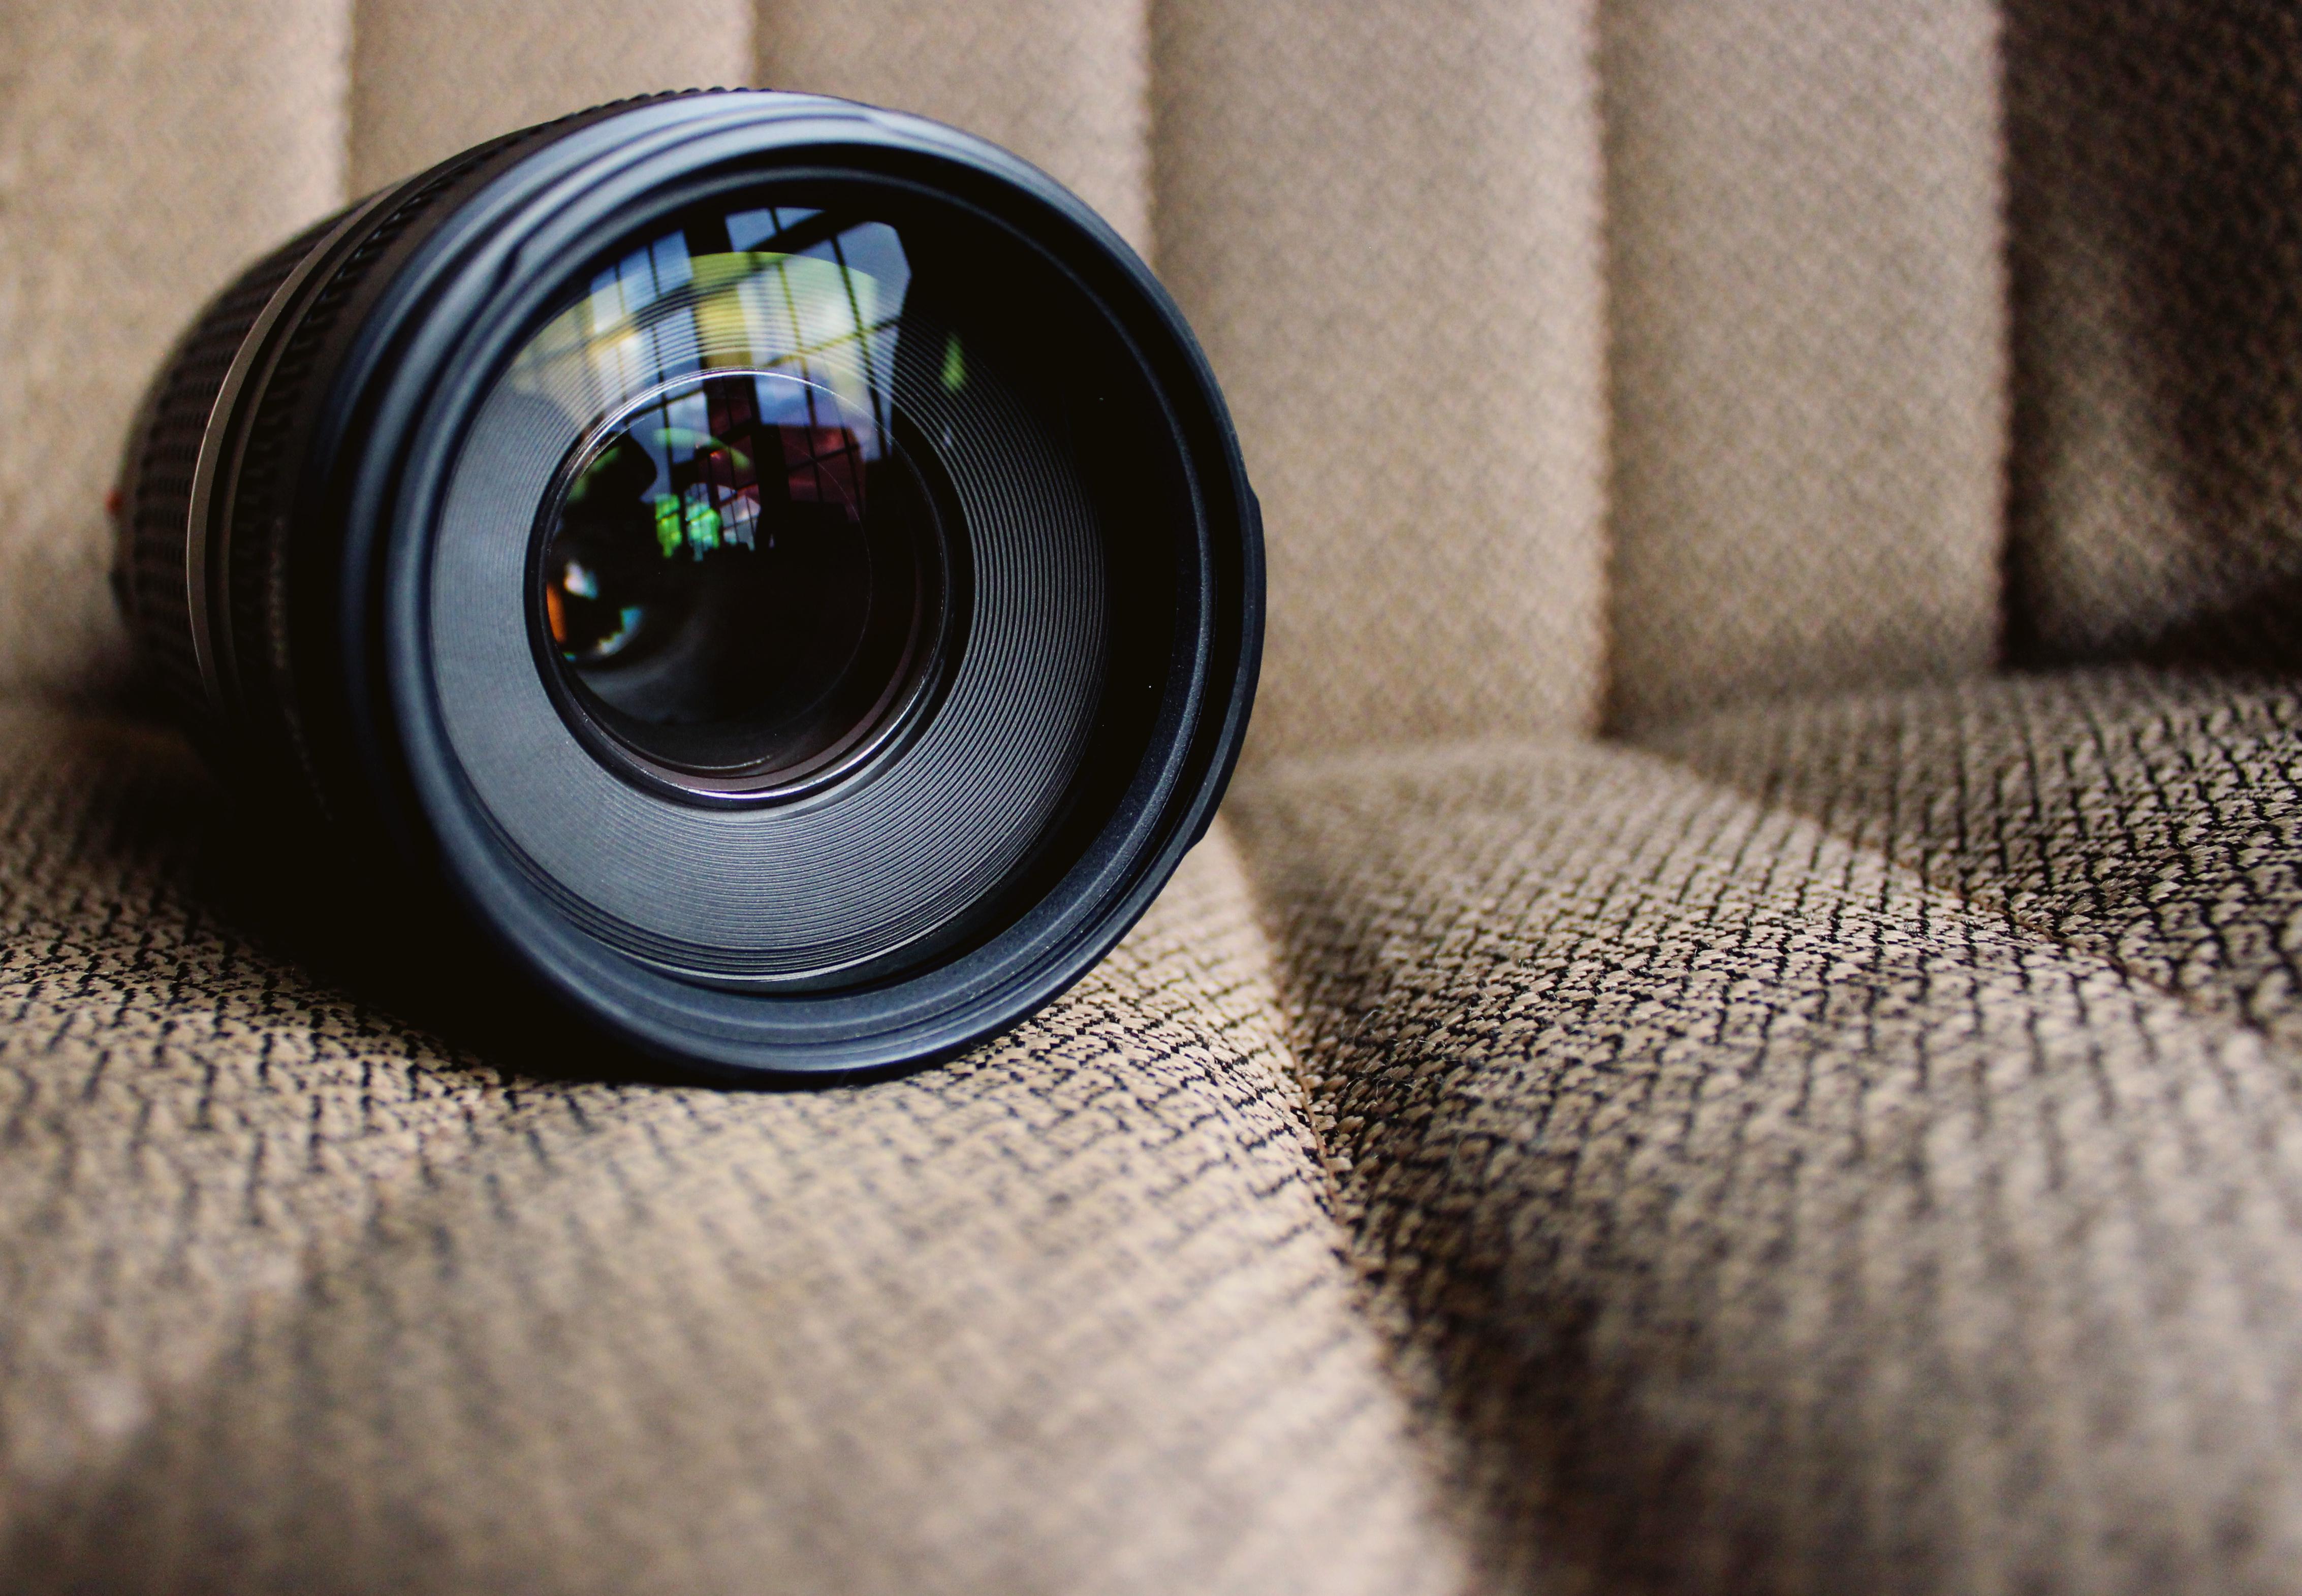 Um close-up de uma lente de câmera sobre Serviços acadêmicos para estudantes e pesquisadores | Cadeiras Personalizadas